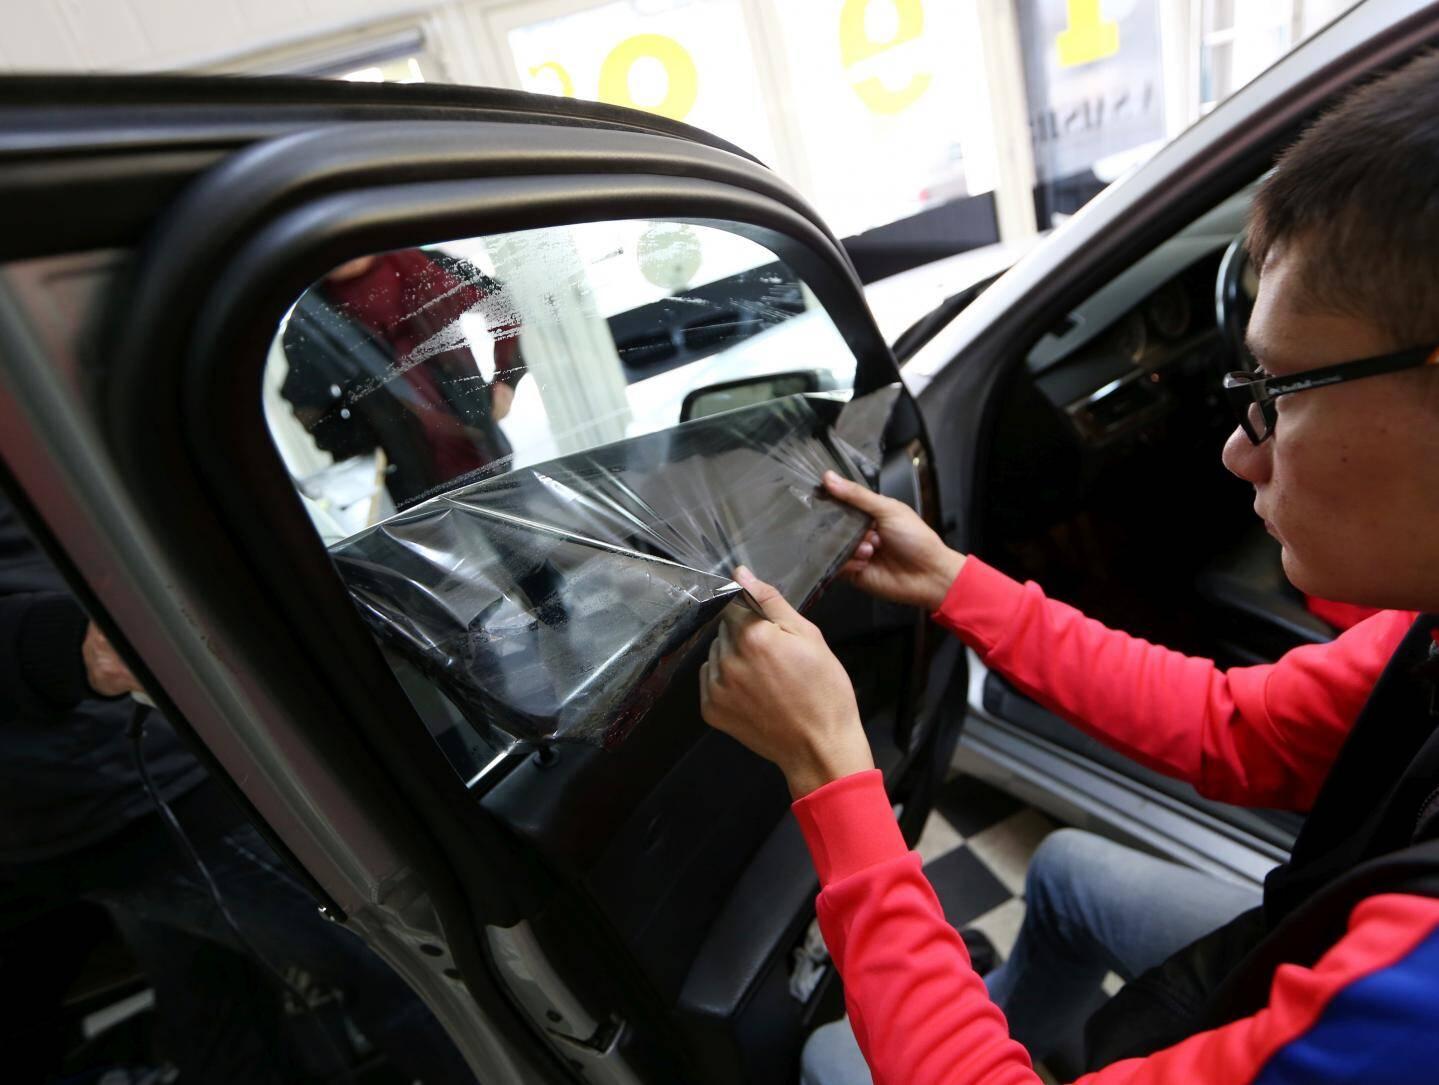 Les vitres surteintées seront sanctionnées d'une amende de  135 euros. Environ 2,2 millions d'automobilistes seraient en infraction.